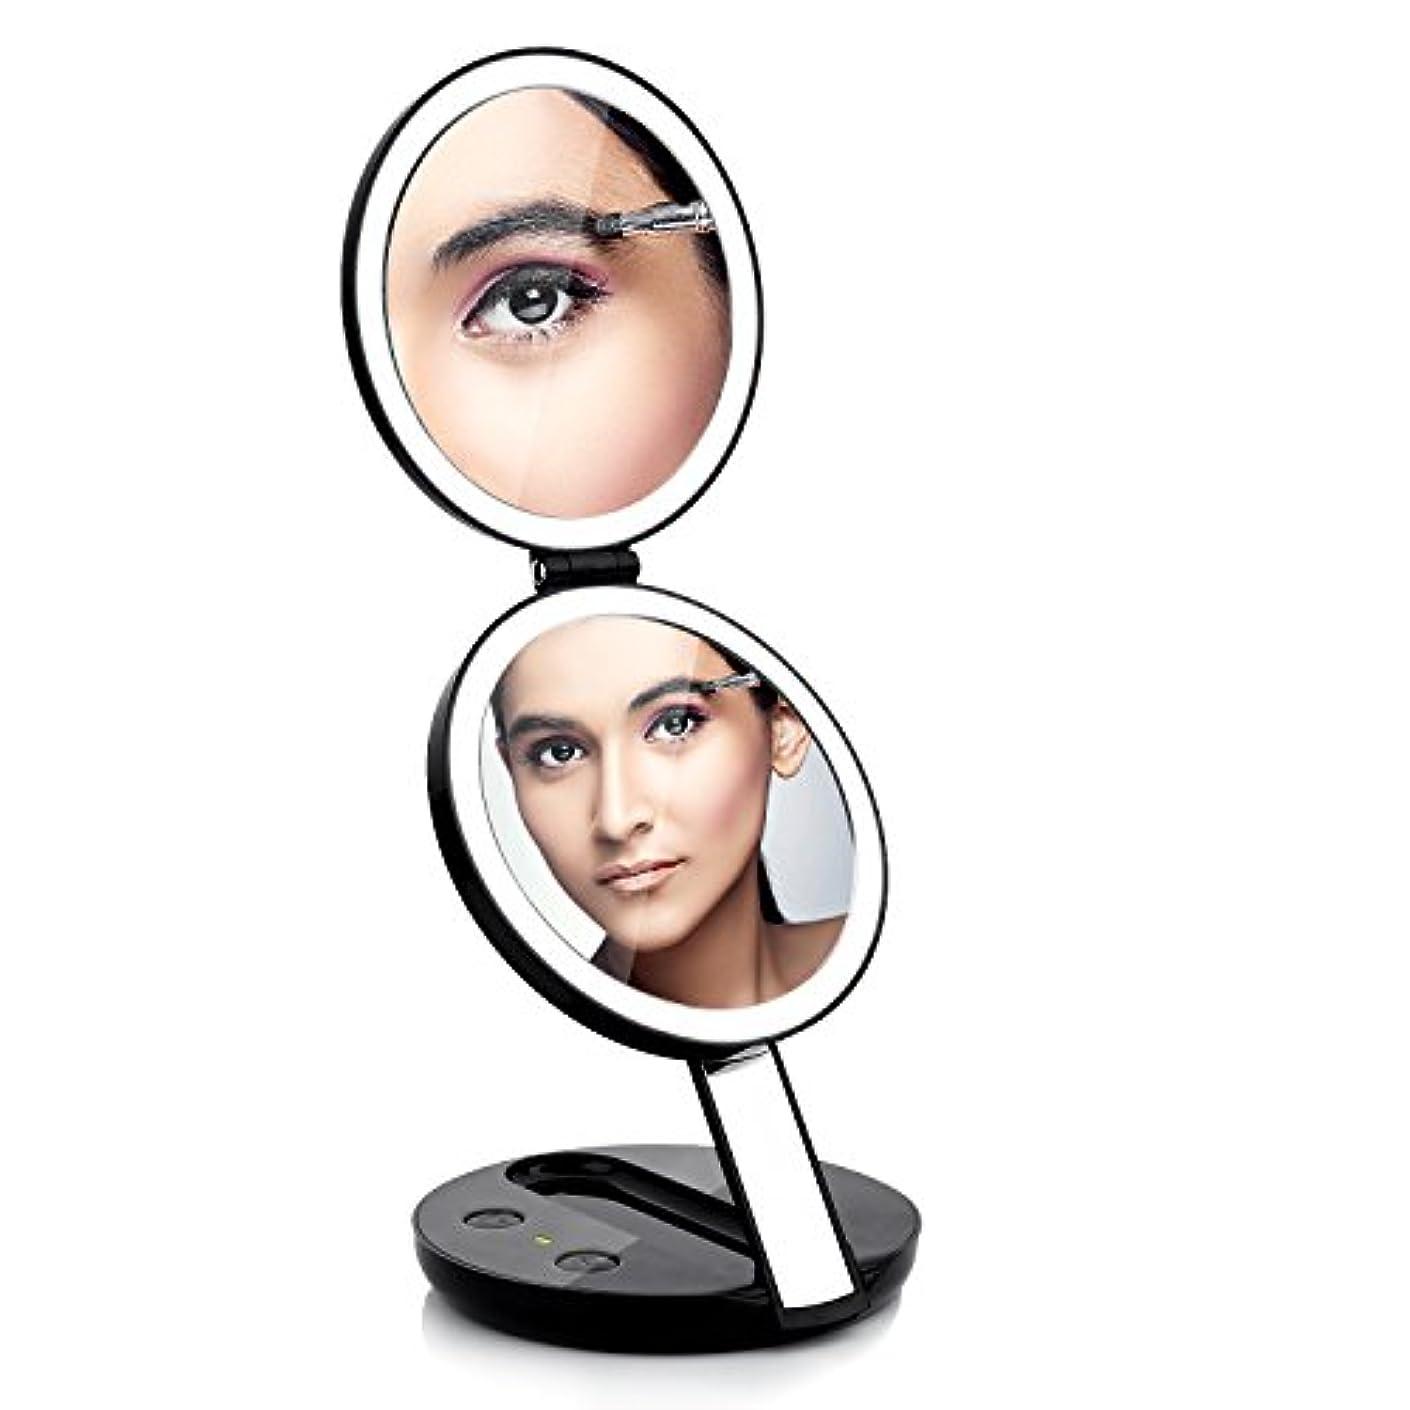 金銭的訴える処分したコンパクトミラー 両面 卓上ミラー 化粧鏡 手鏡 丸型 Ledライト 等倍と7倍拡大鏡 折りたたみ式 明るさ調整可能 角度調節USB給電 電池式 おしゃれ 手のひらサイズ 贈り物(ブラック)